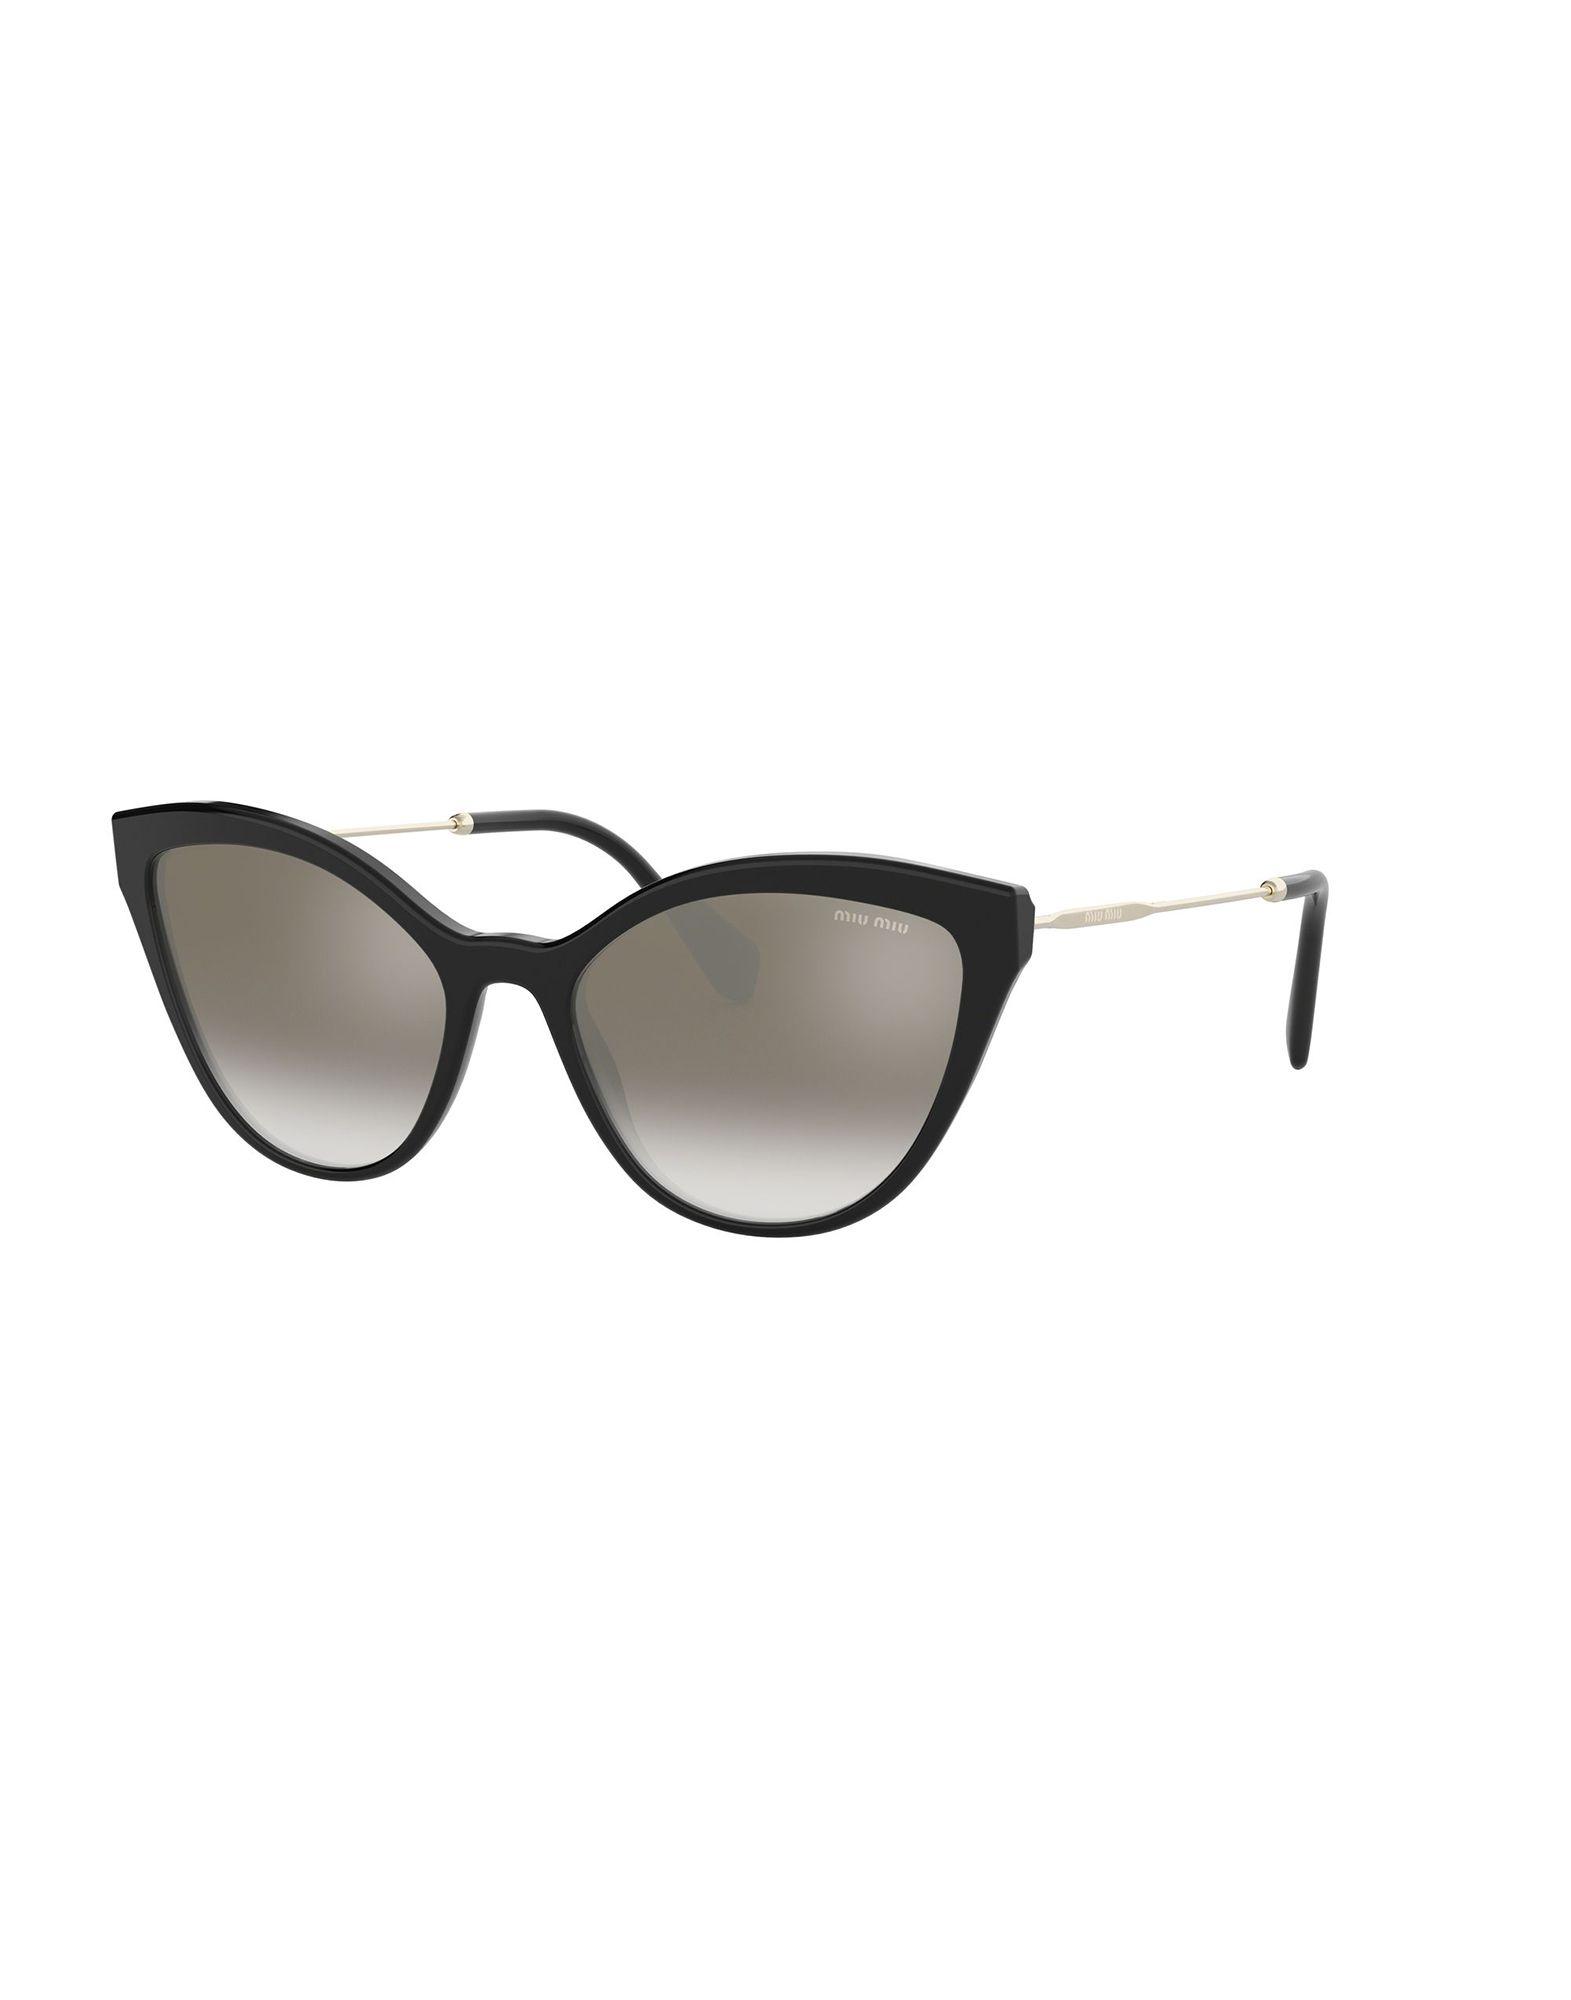 MIU MIU Солнечные очки бусины monisto стекло кошачий глаз круглые 4мм оранжевый около 66шт нить 14z7738